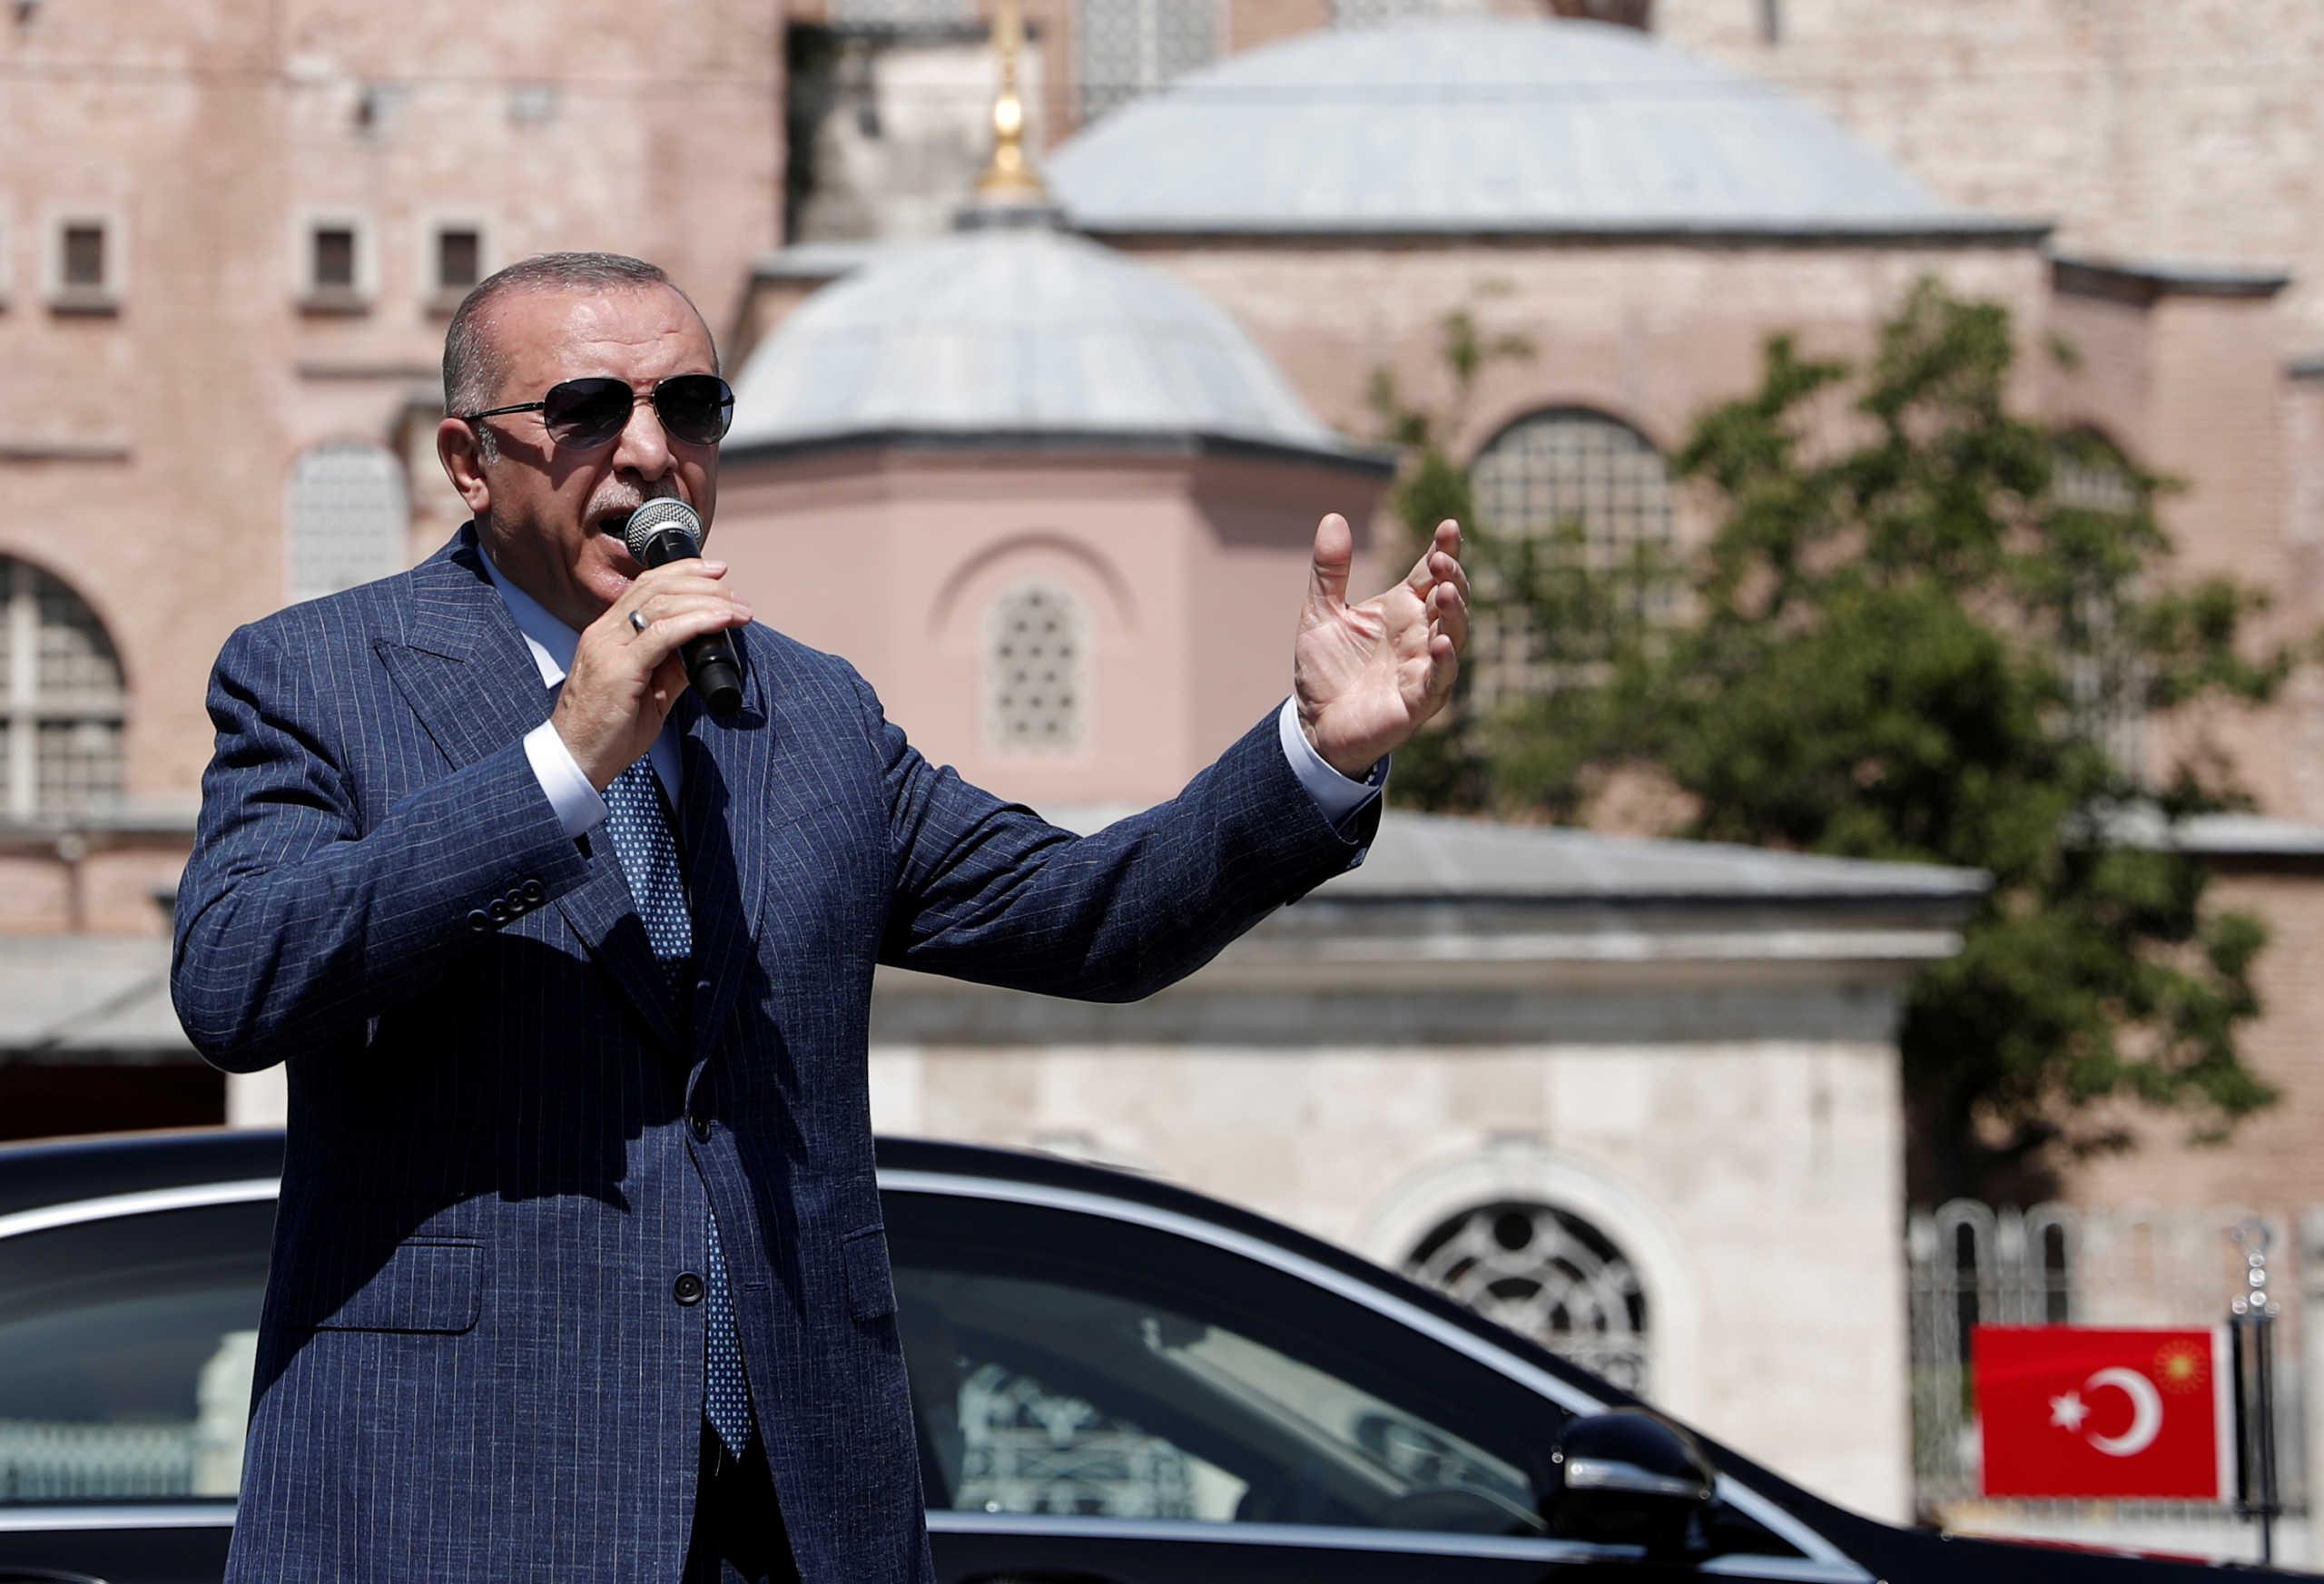 """""""Θα δούμε ωμές παρεμβάσεις από την Τουρκία στο Κυπριακό"""" – Διαδικτυακή εκδήλωση για το ρόλο της Τουρκίας μετά την εκλογή Τατάρ και Μπάιντεν"""